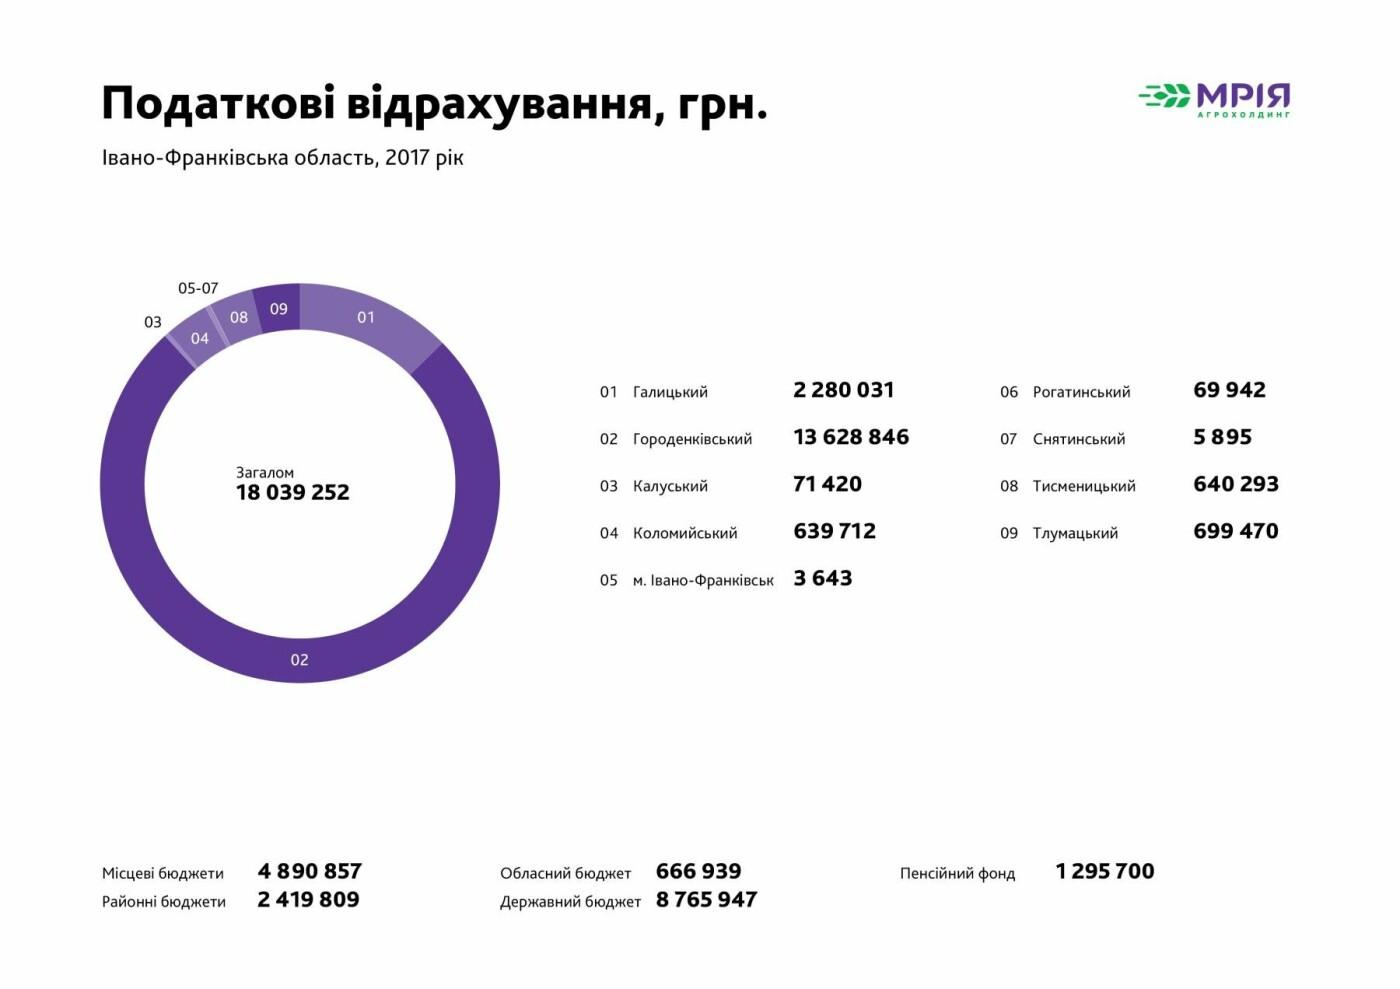 Податкові відрахування Агрохолдинг Мрія 2017р.